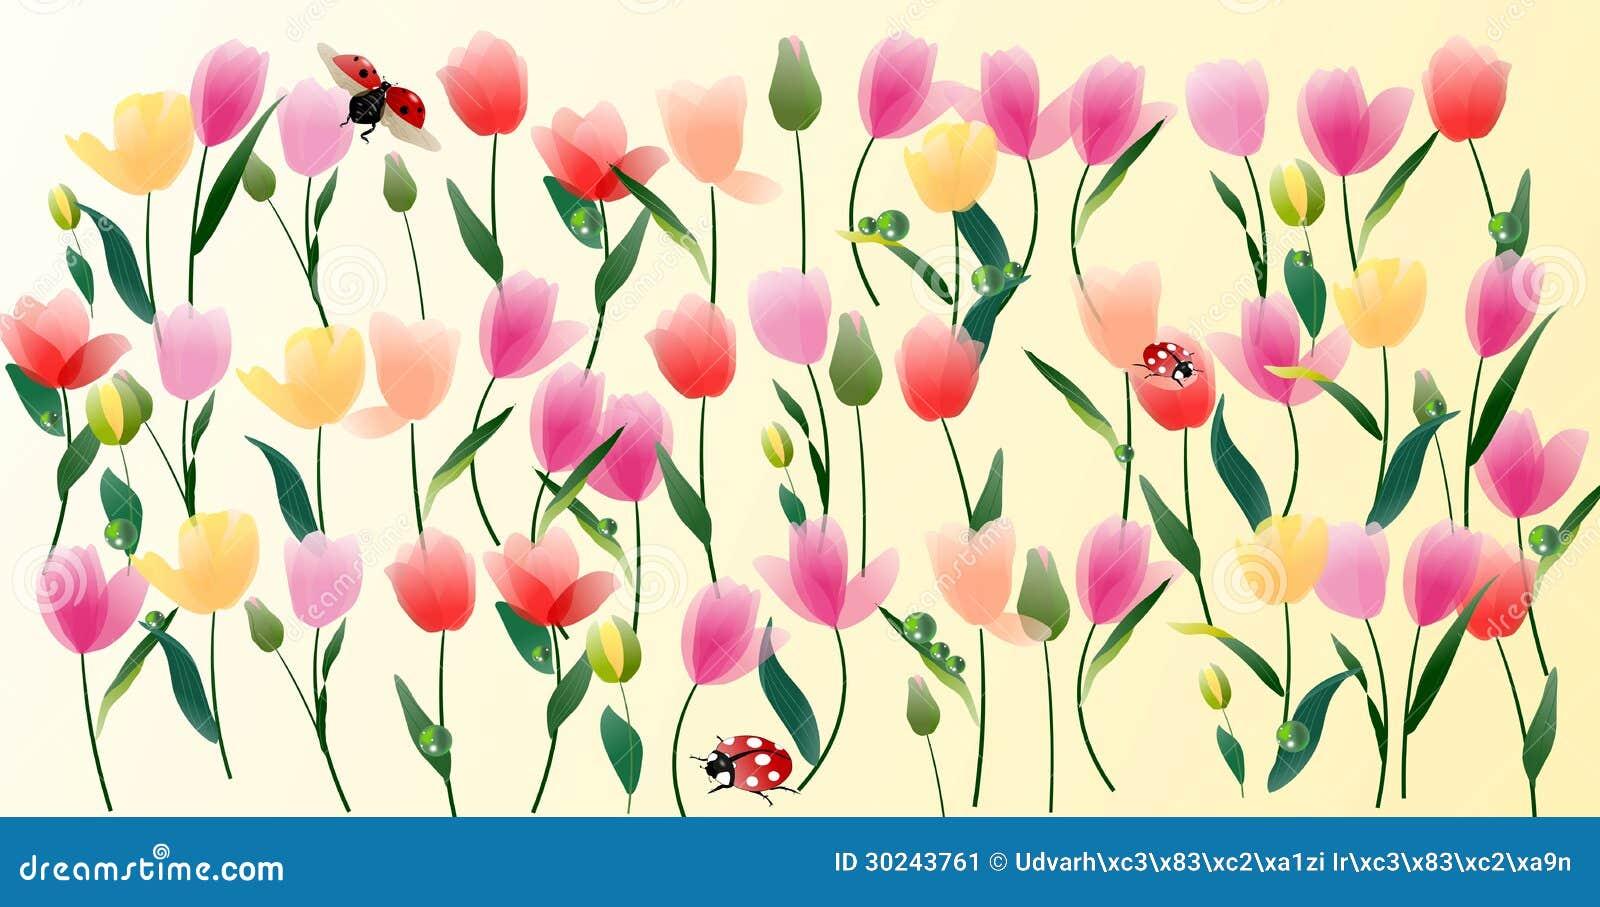 Giardino del tulipano con le coccinelle e le luci, disegno gentile per ...